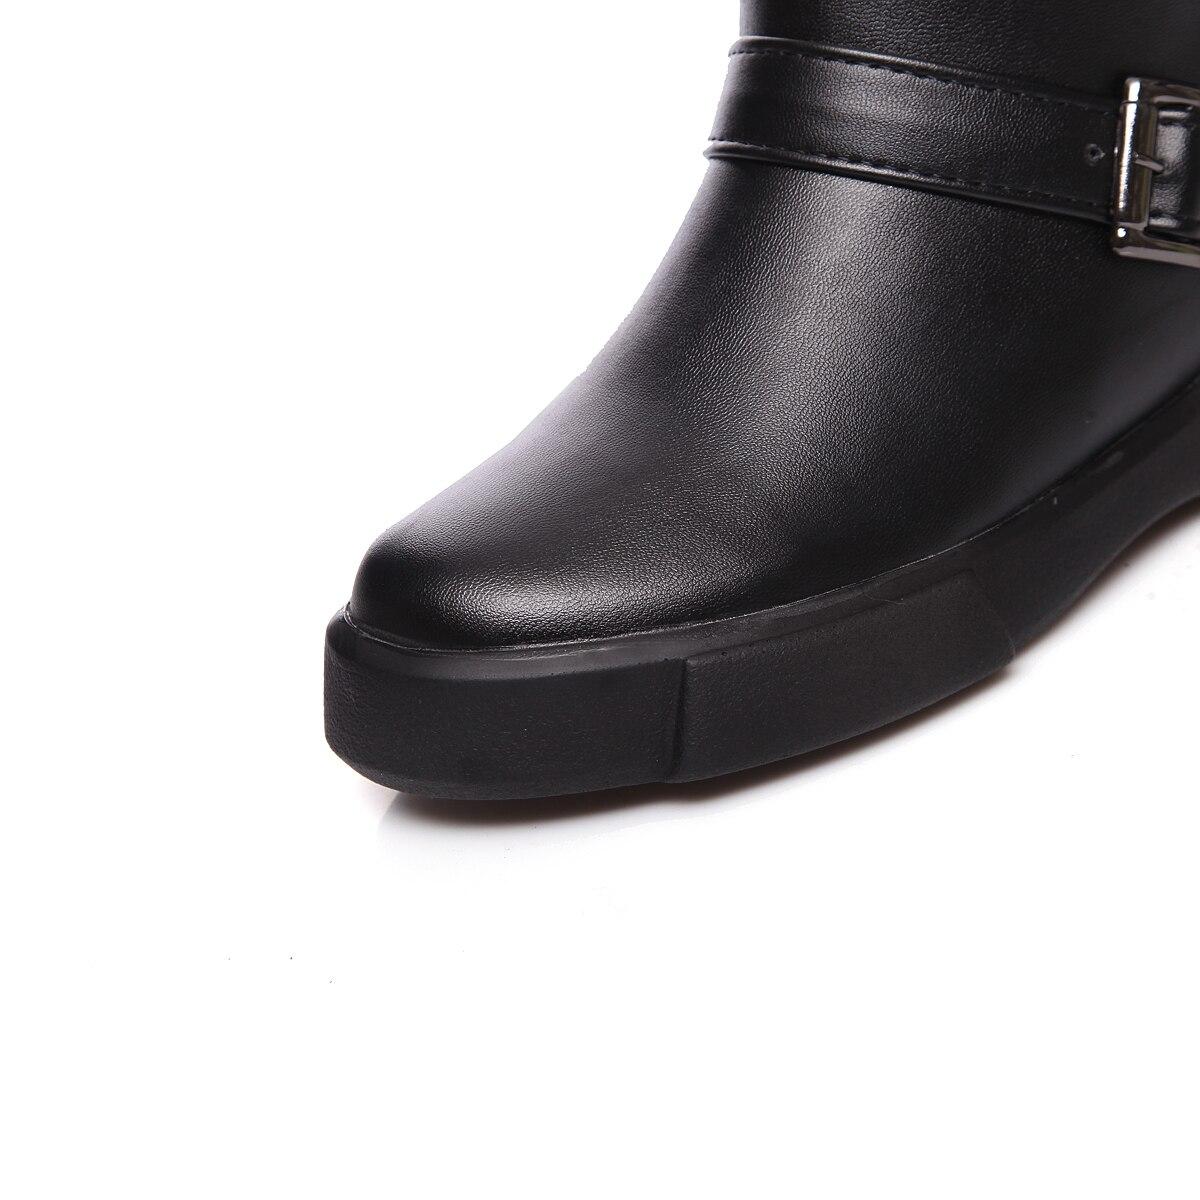 Dicke Runde Leder Plüsch Pu Für Schuhe Frauen Heels Stiefel Kappe Knie 2018 Schnee Neue Esrfiyfe Solide Plattform Winter weiß Frau Warme Schwarzes qn7pf4Czw